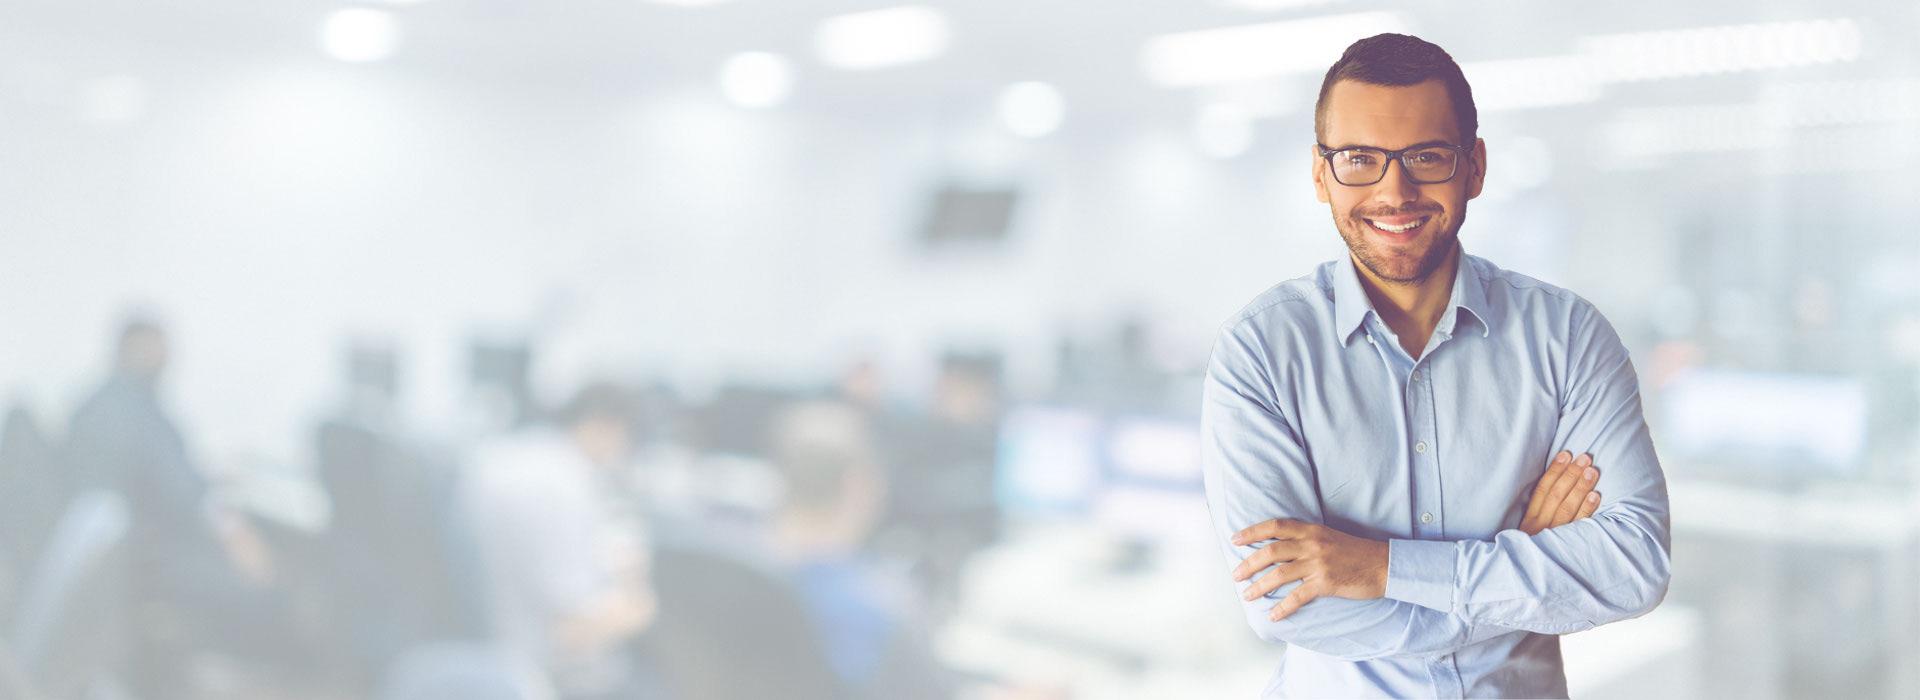 desarrollo software empresas, empresa de software